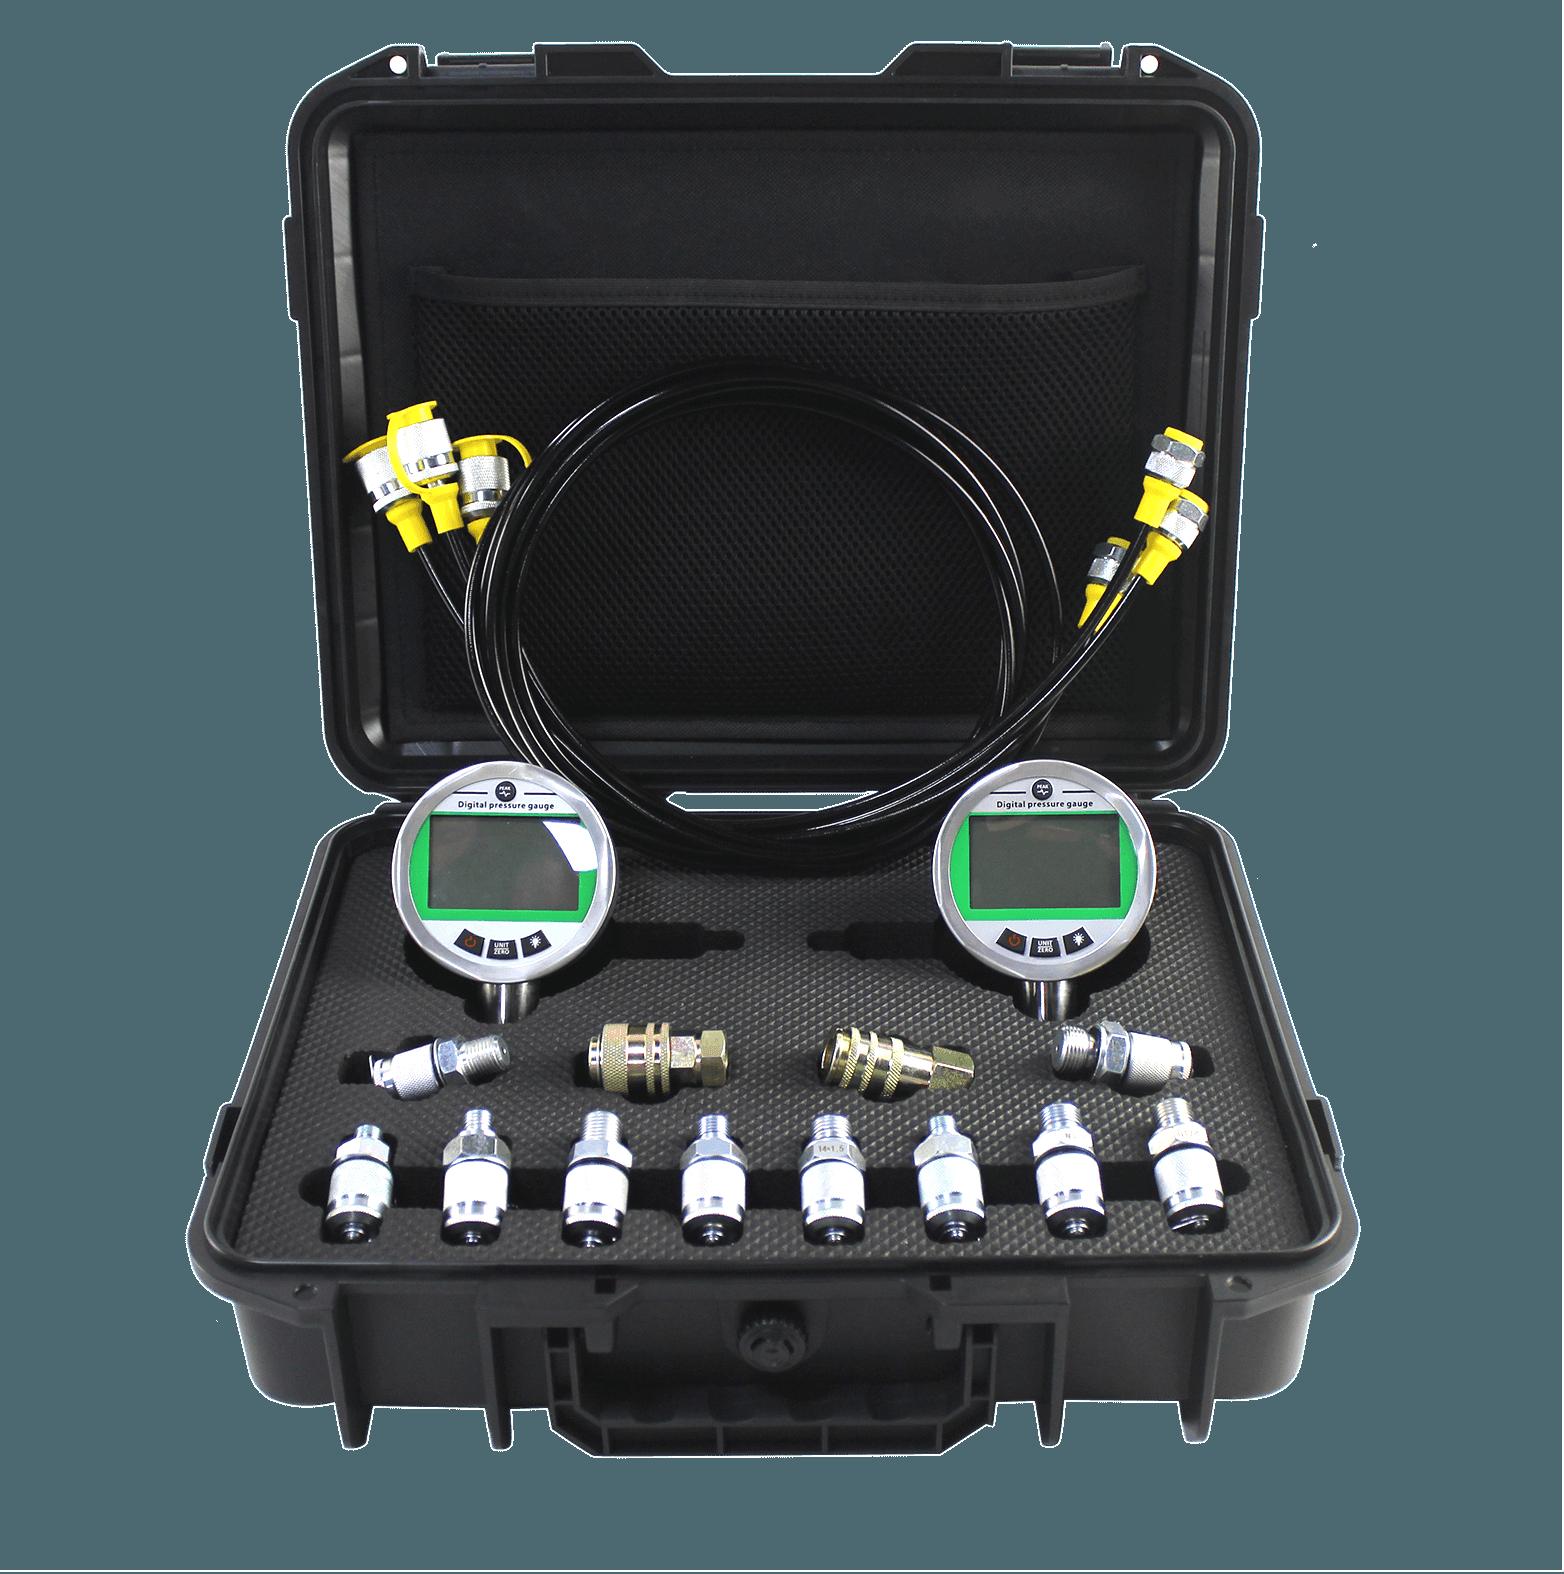 digital hydraulic pressure gauge kit